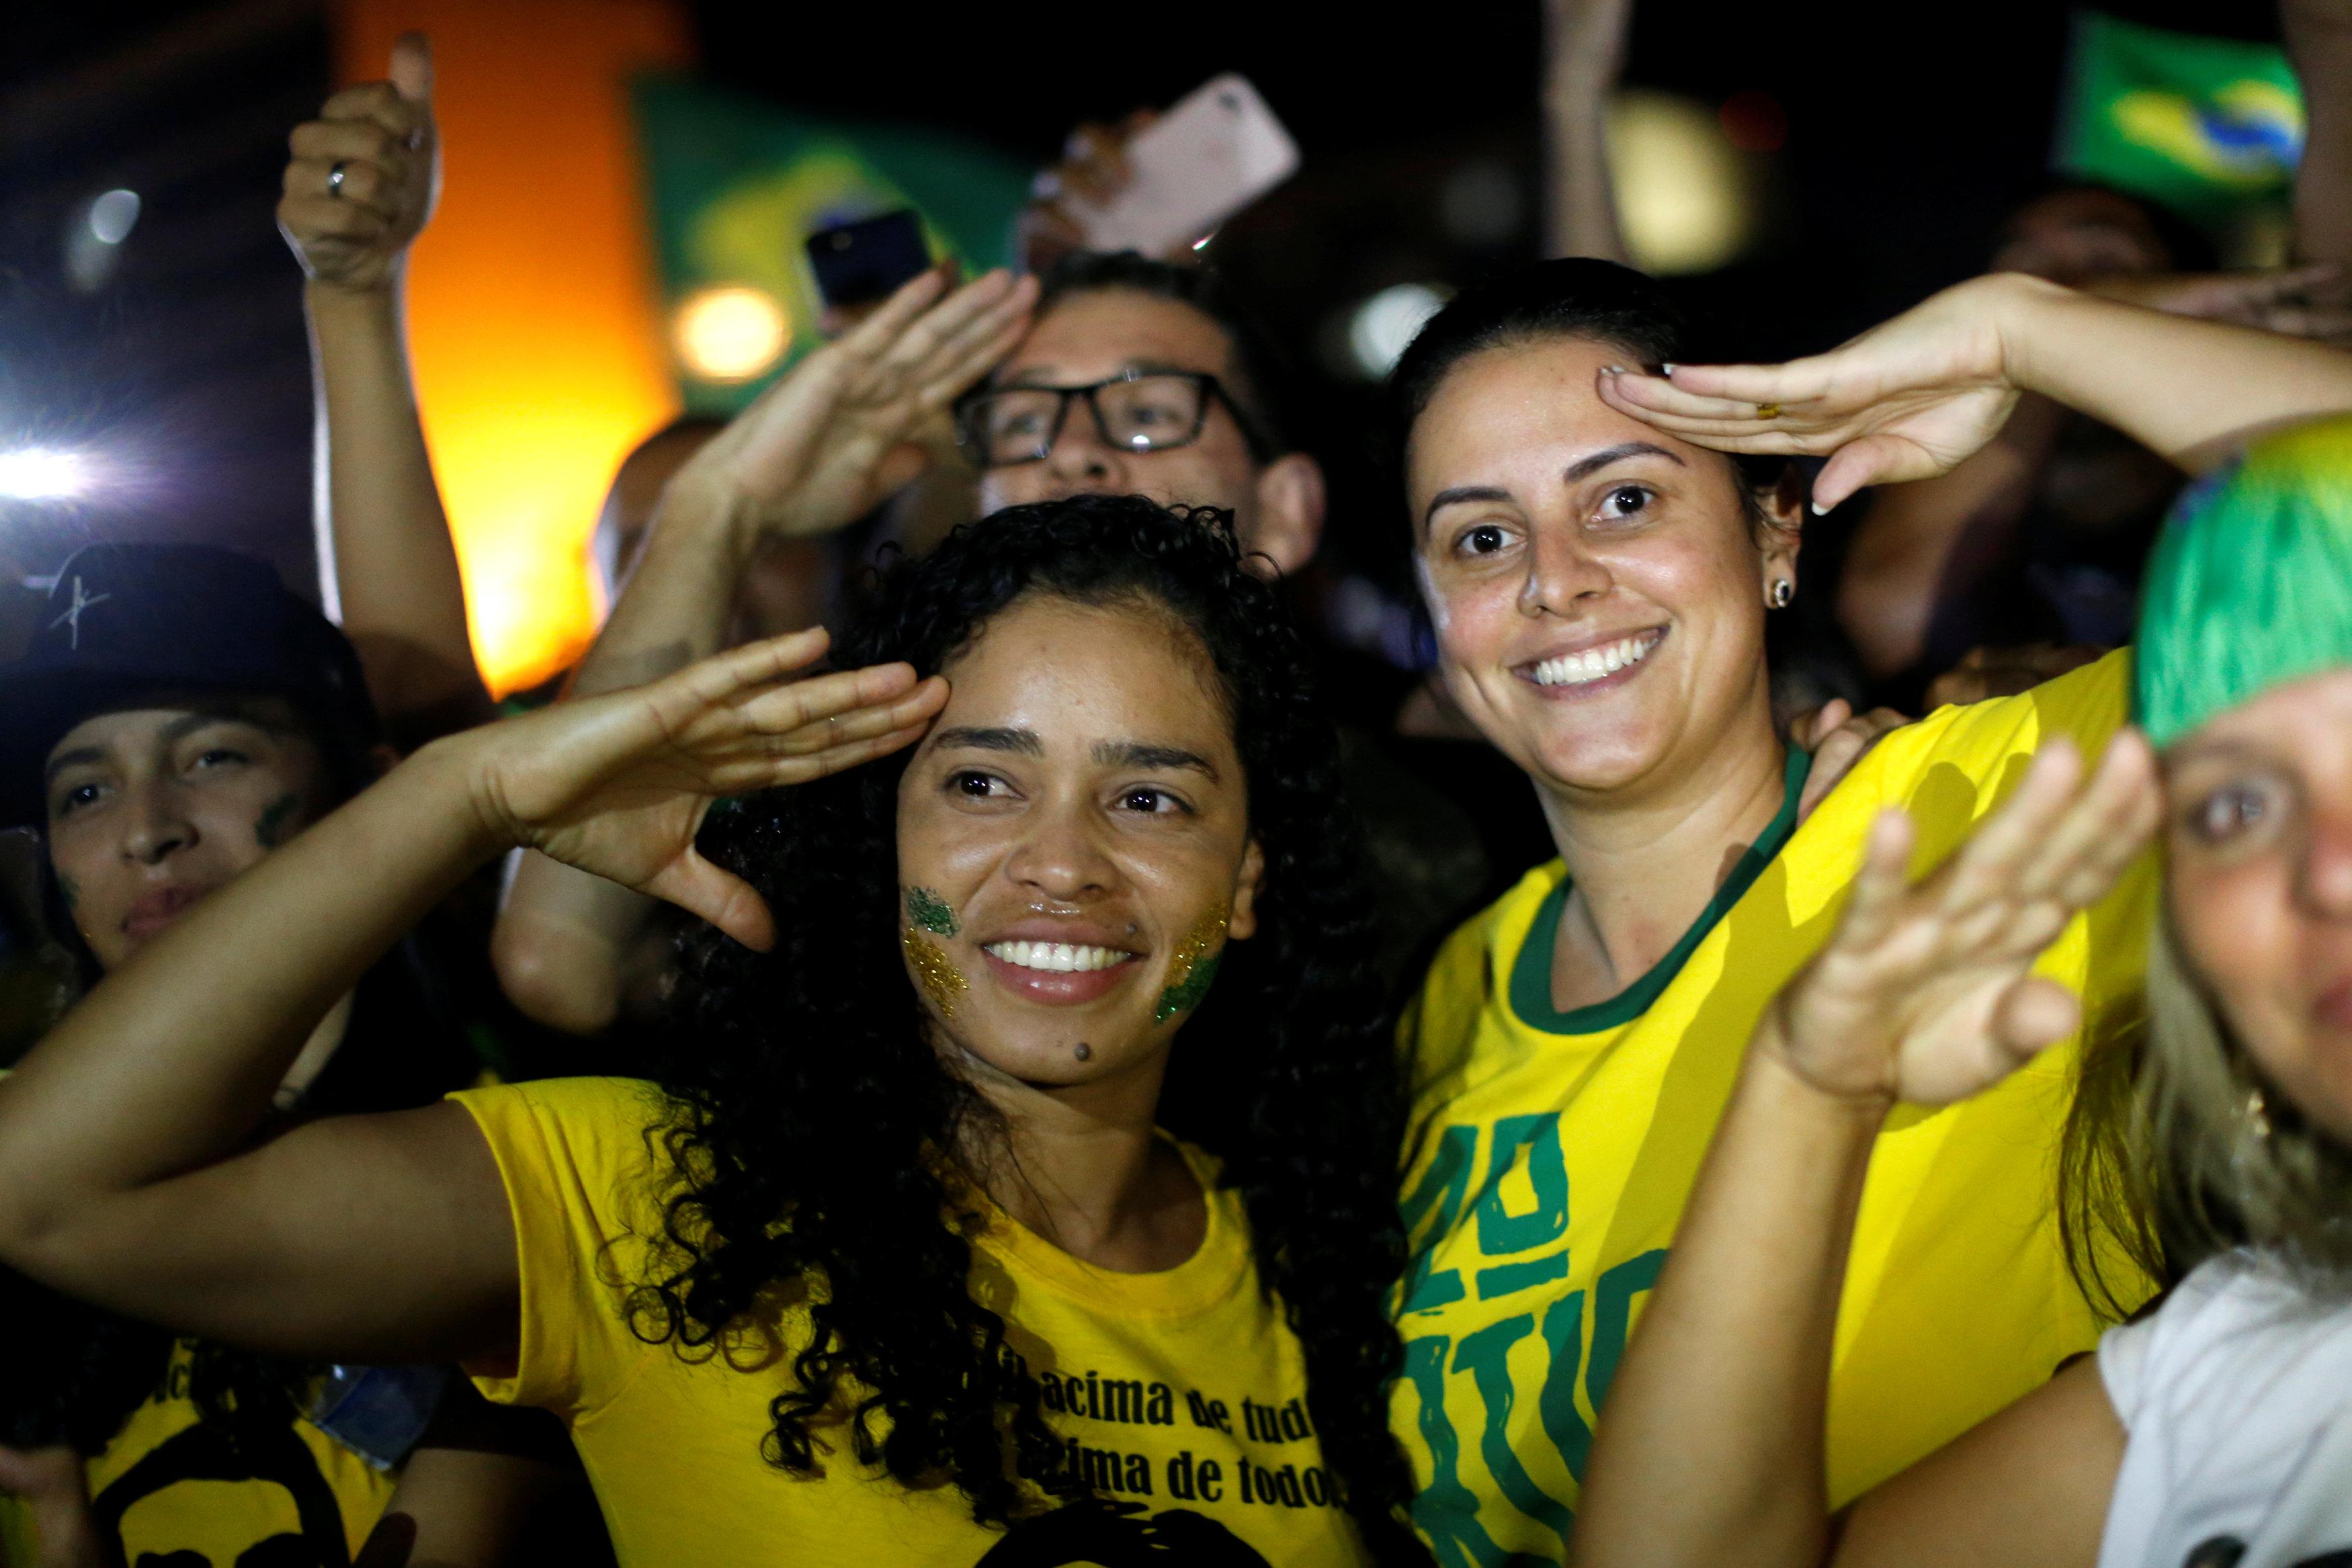 Simpatizantes de Bolsonaro celebran en Brasilia el resultado de la elección con el típico gesto del candidato derechista(REUTERS/Adriano Machado)